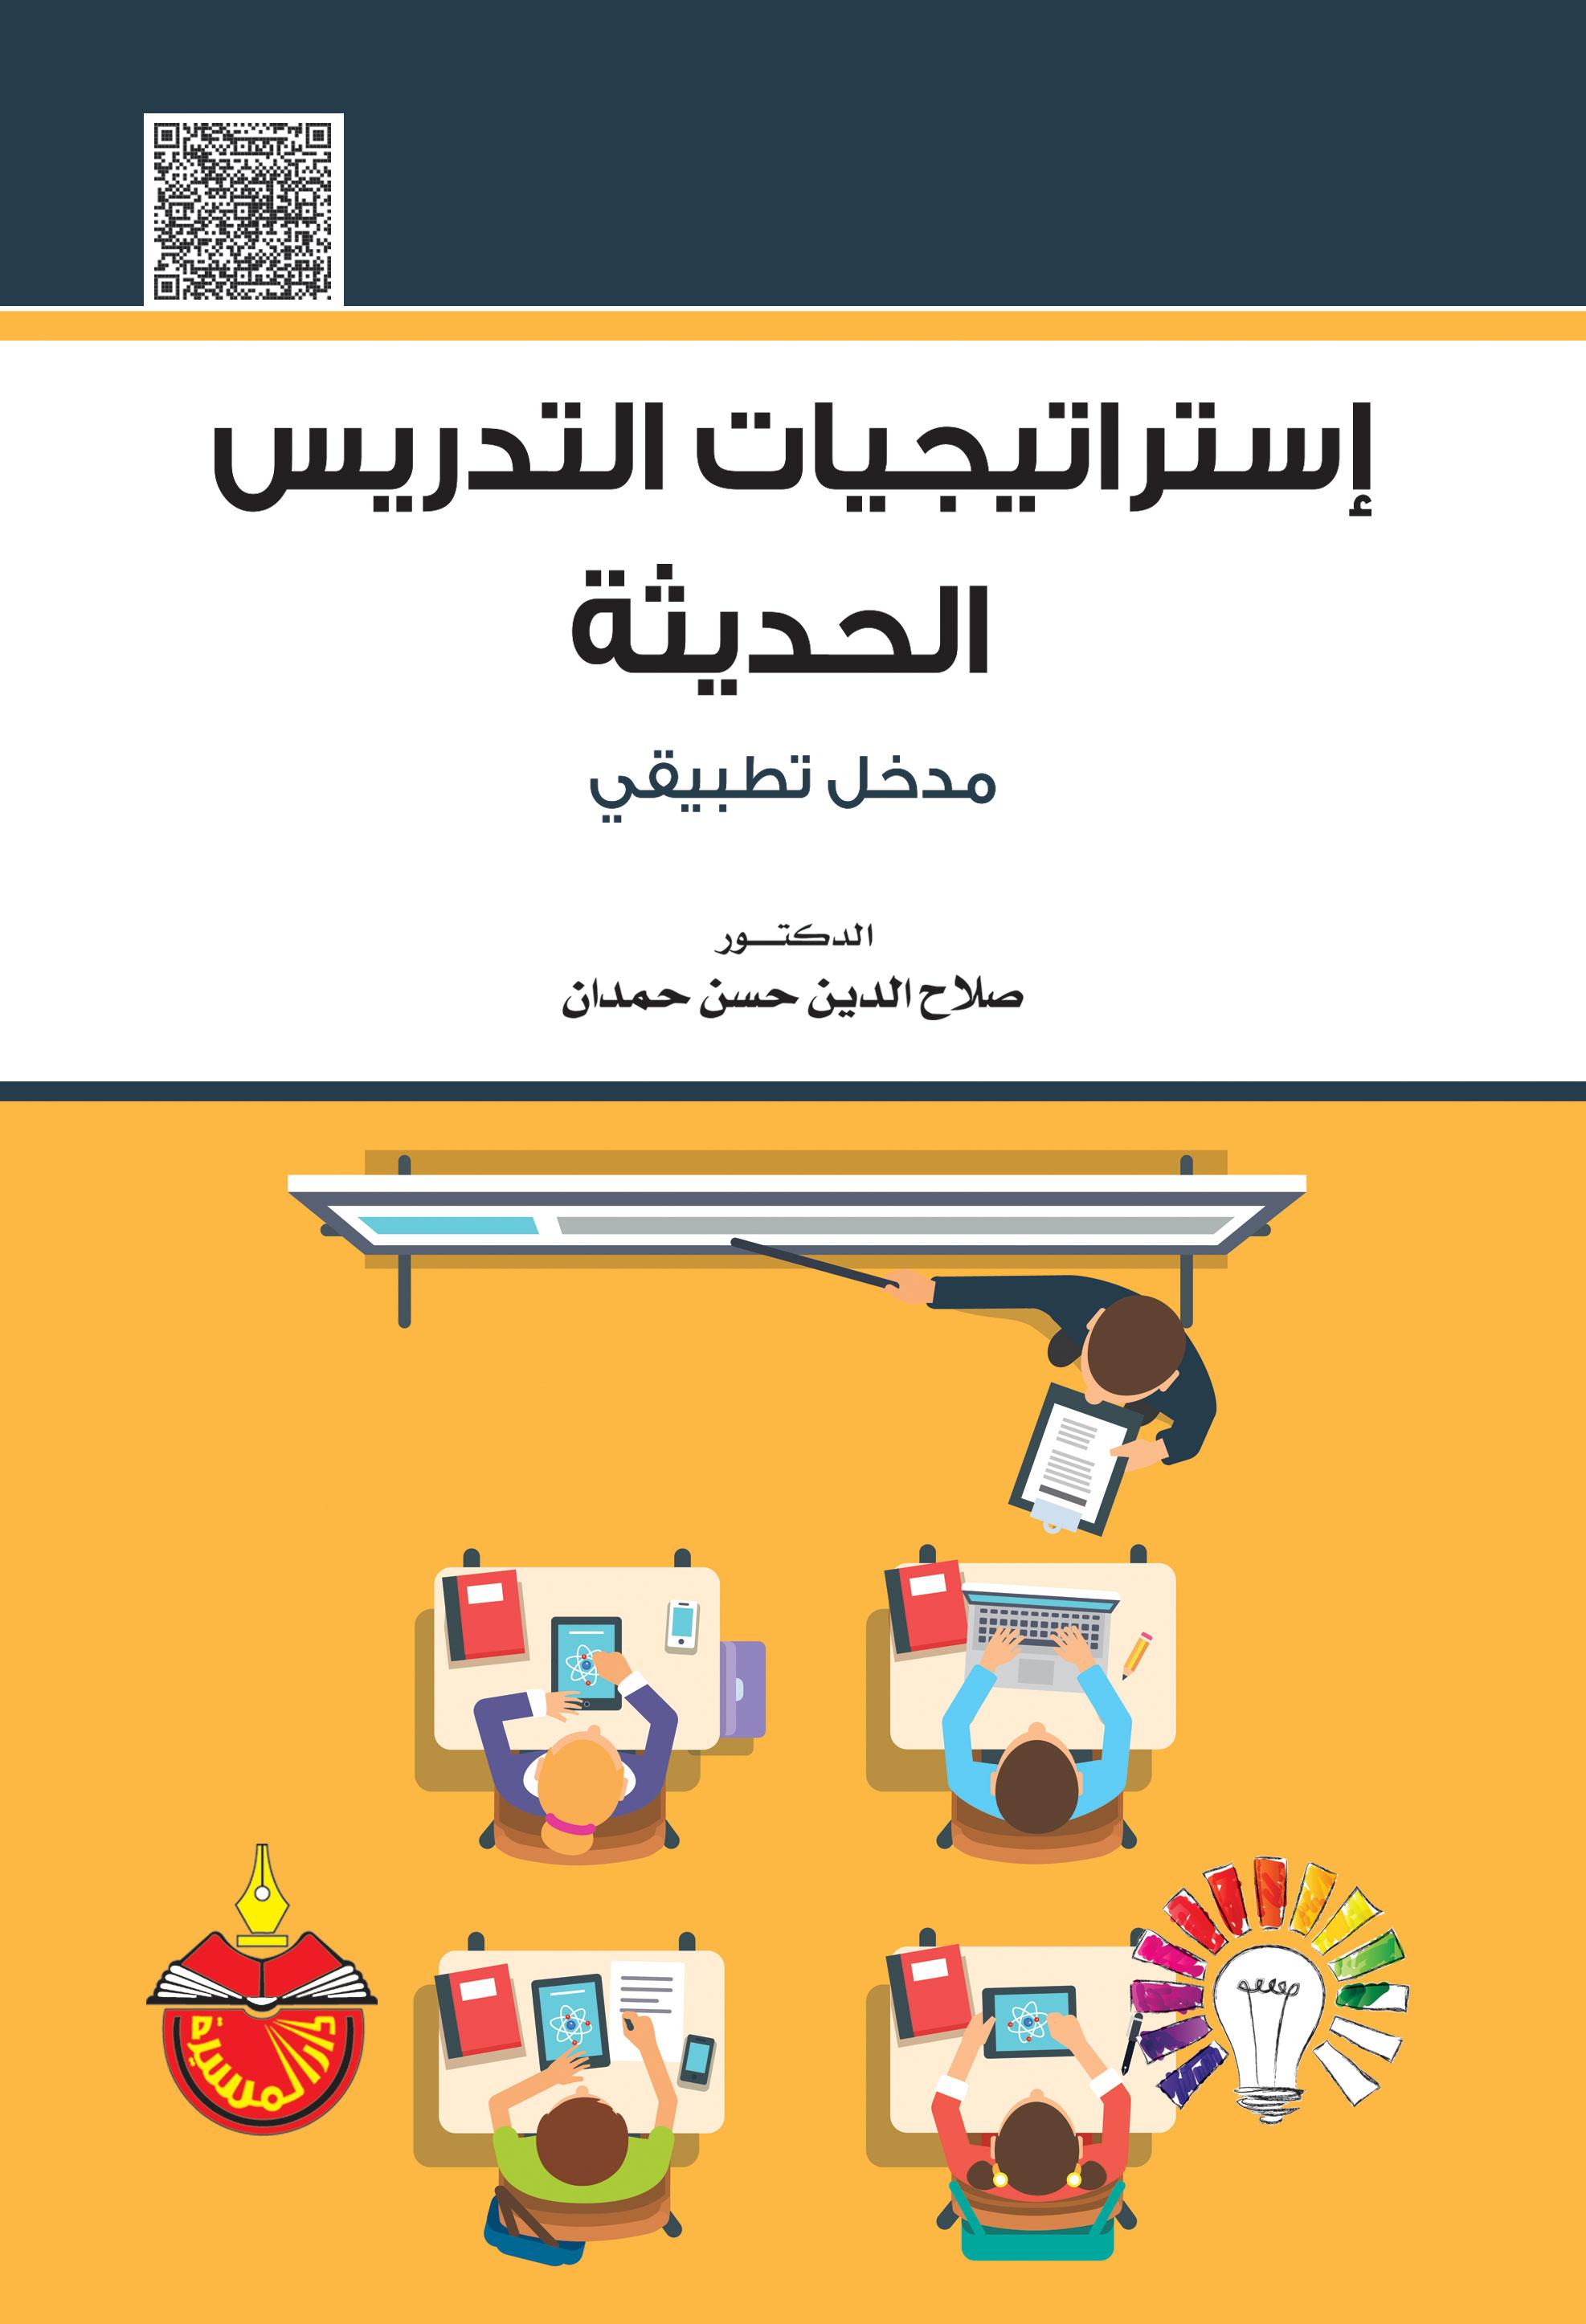 طرق التدريس العامة ومهارات تنفيذ وتخطيط عملية التدريس - عبد الرحمن عبد  السلام جامل